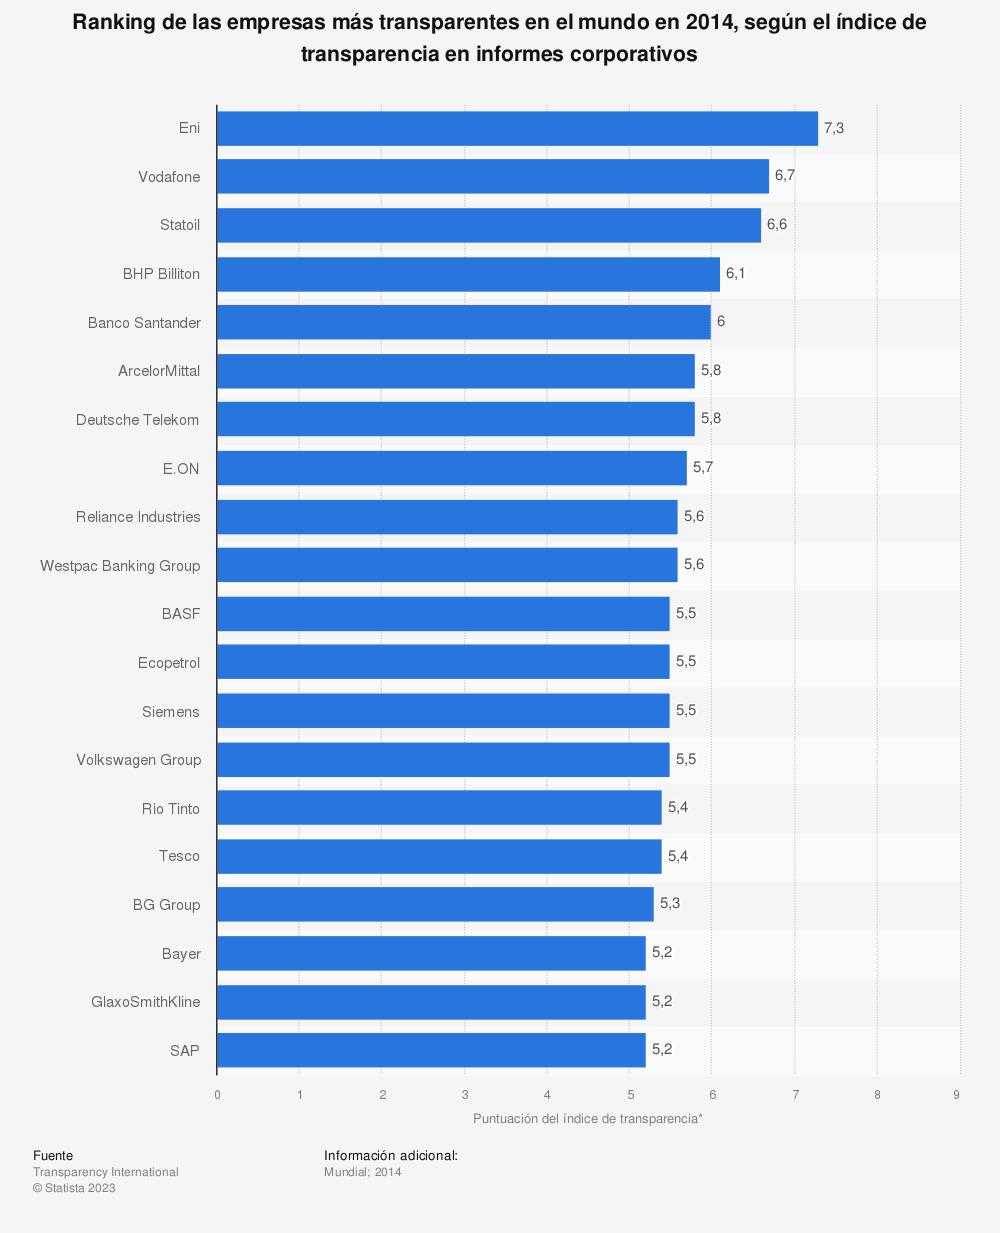 Estadística: Ranking de las empresas más transparentes en el mundo en 2014, según el índice de transparencia en informes corporativos | Statista